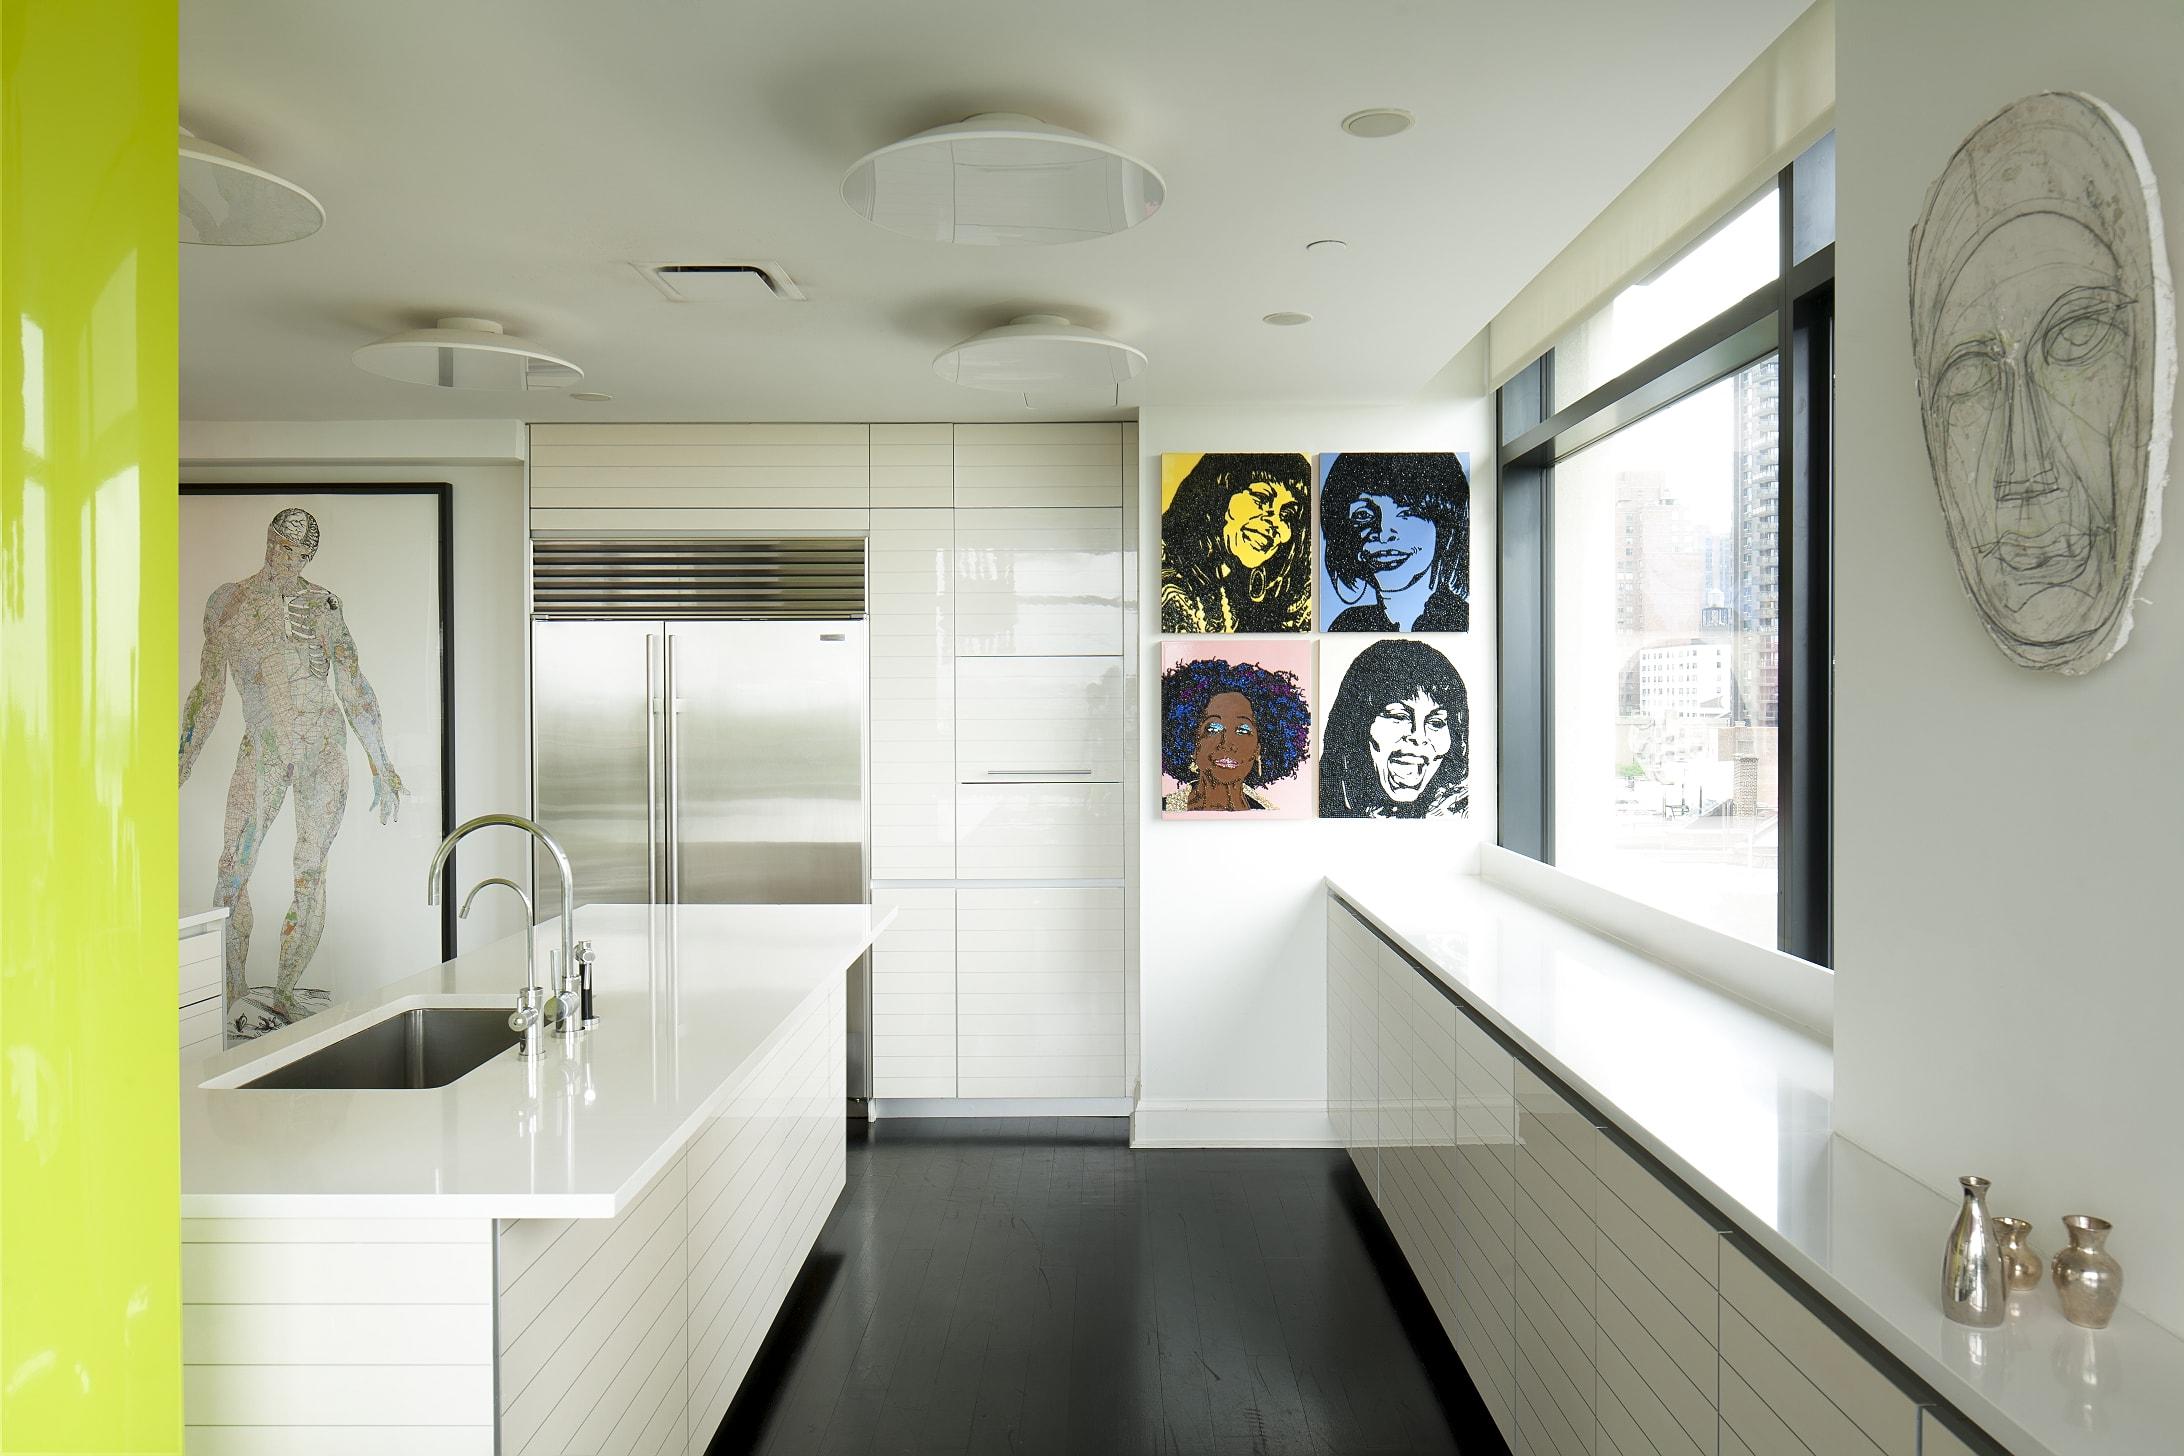 Un interno dell'abitazione della Gallerista Dominique Lévy progettata da Peter Marino. (Foto di Luca Pioltelli).